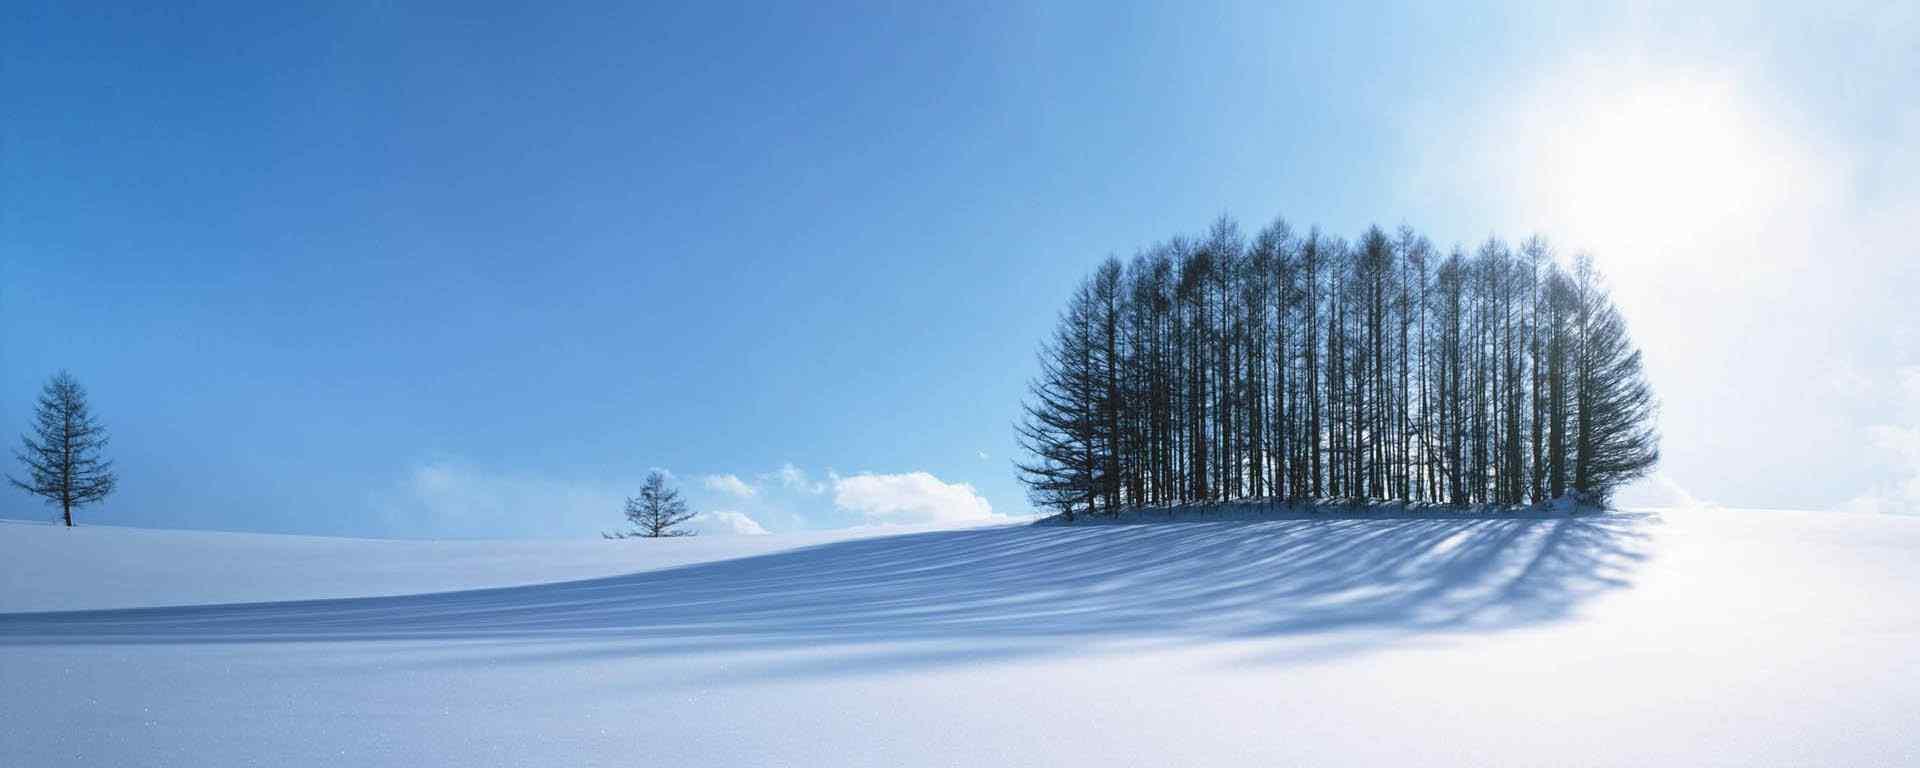 北海道_北海道雪景_北海道花田_函馆_百万夜景_小樽图片壁纸